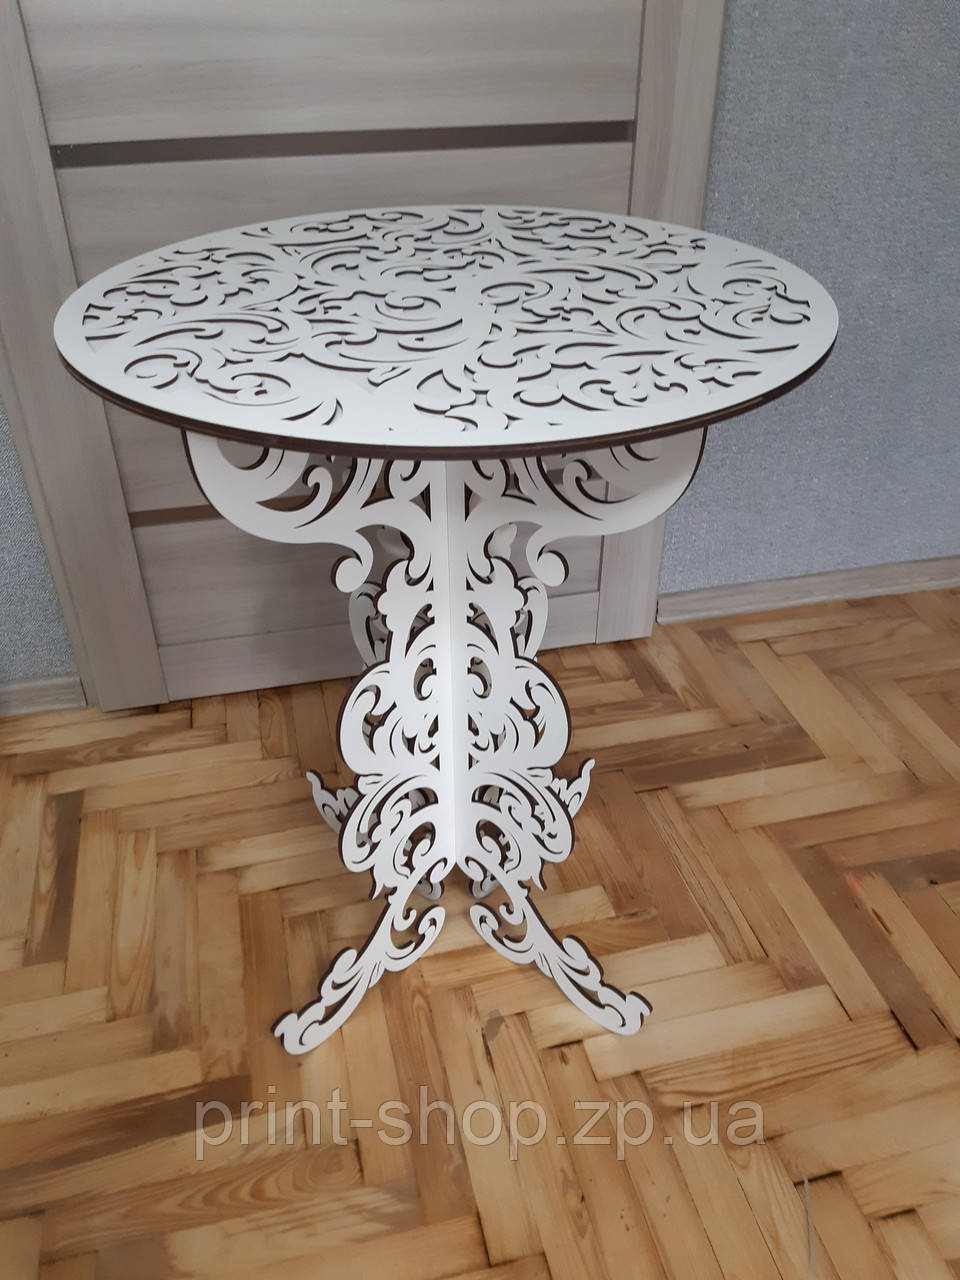 Ажурный столик для росписи. Разные  виды дизайнов